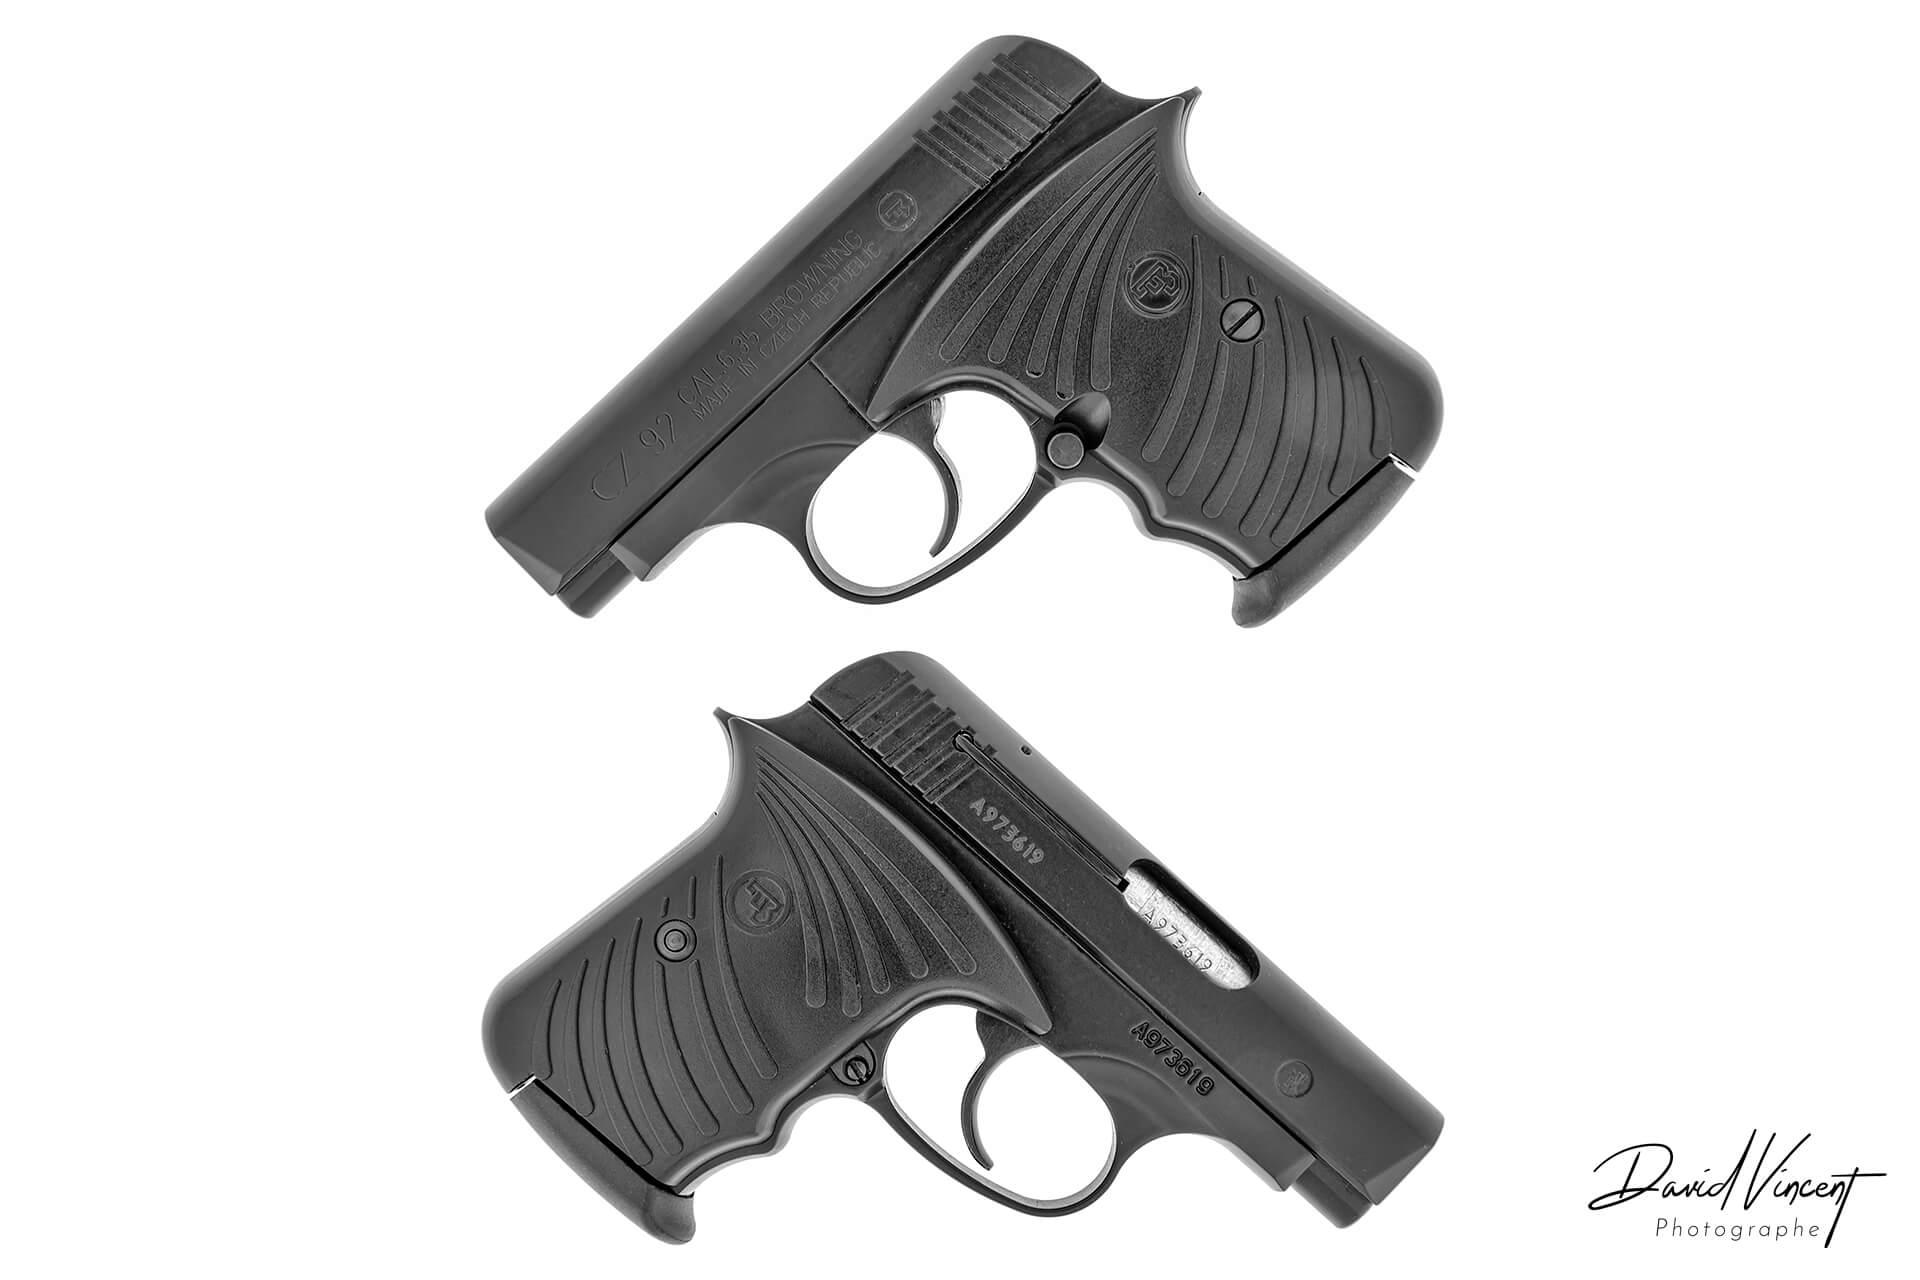 CZ 92 - Photographe d'armes à feu